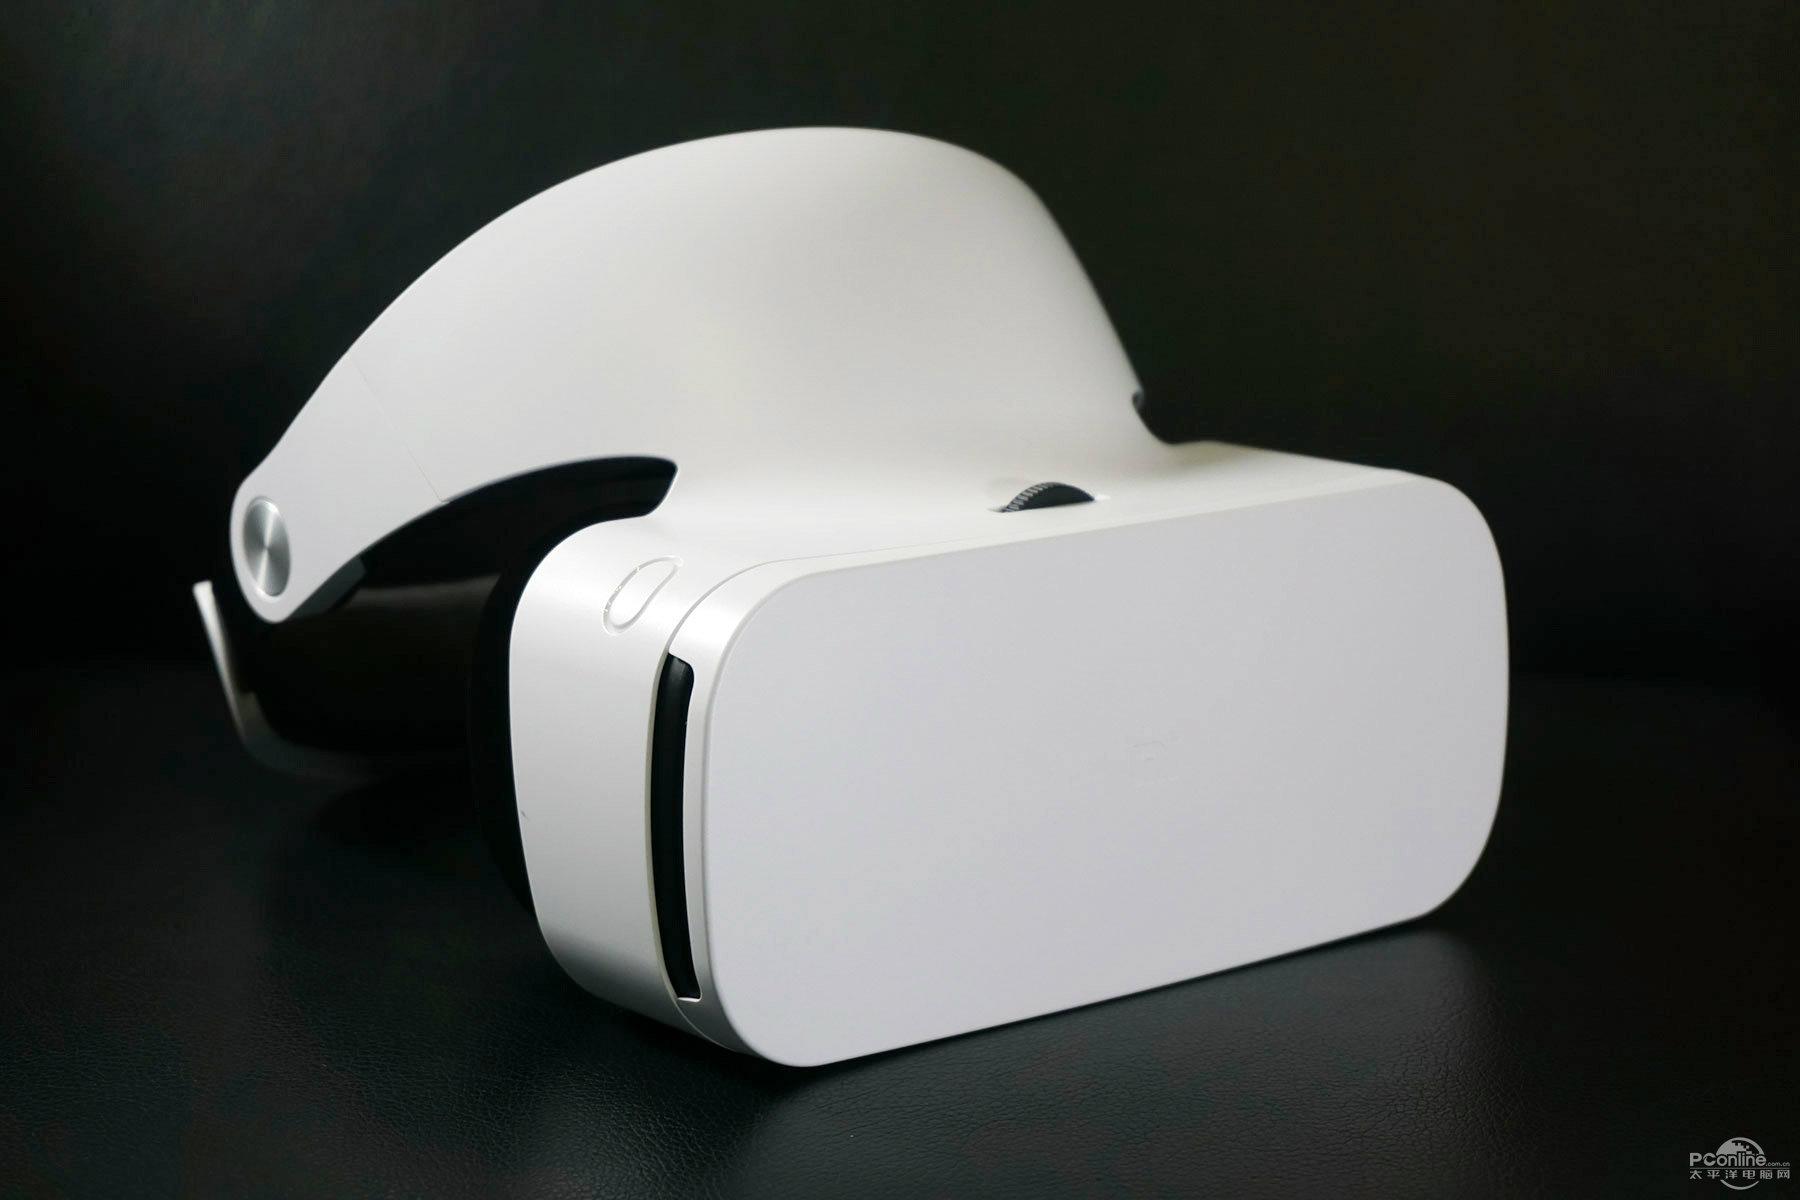 小米VR眼镜量产版开箱图赏:外观设计像索尼P